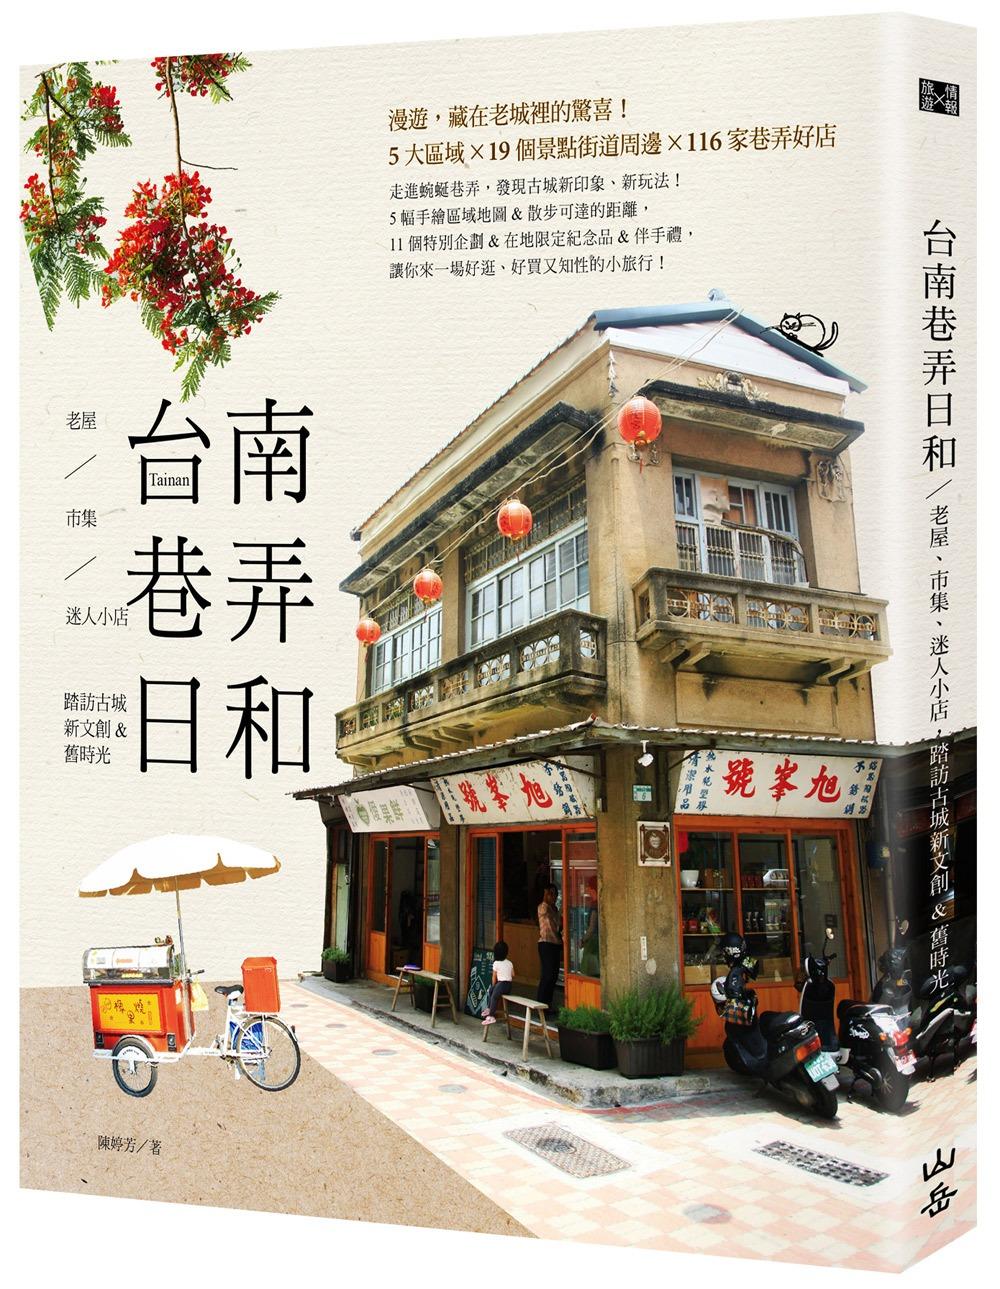 台南巷弄日和: 老屋、市集、迷人小店,踏訪古城新文創&舊時光